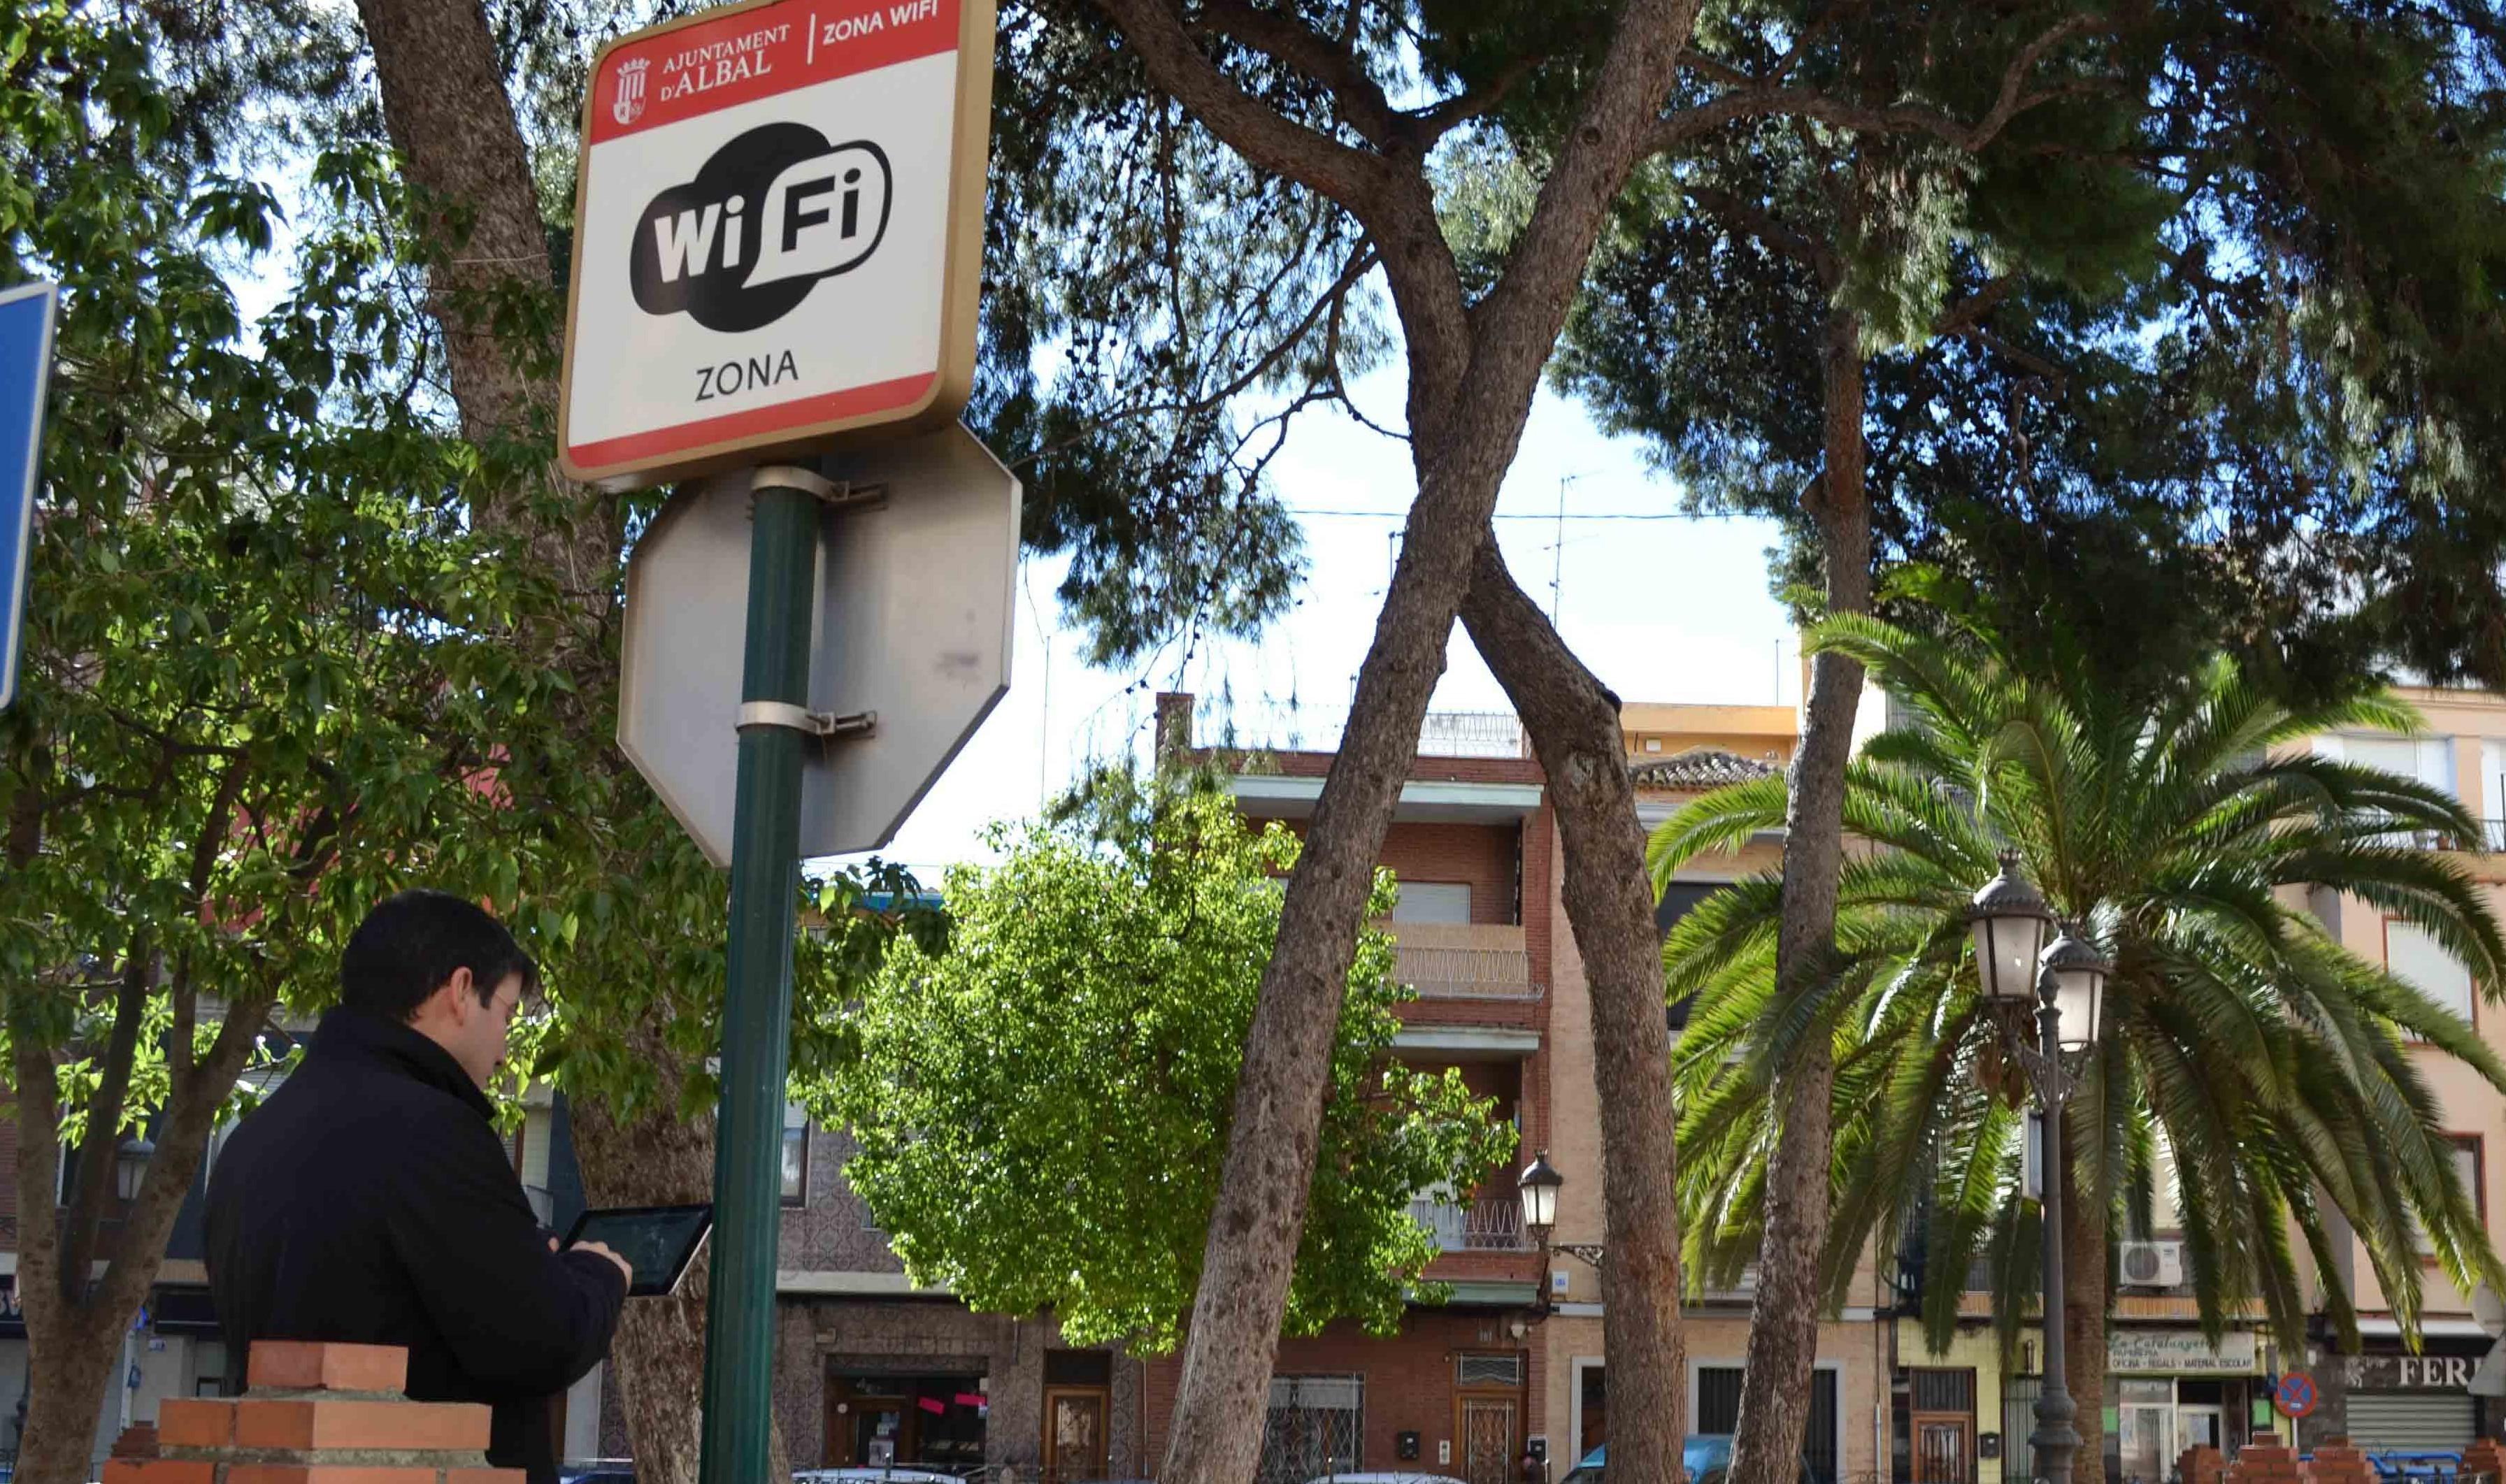 Albal cuenta con 10 puntos de acceso gratuito a Internet